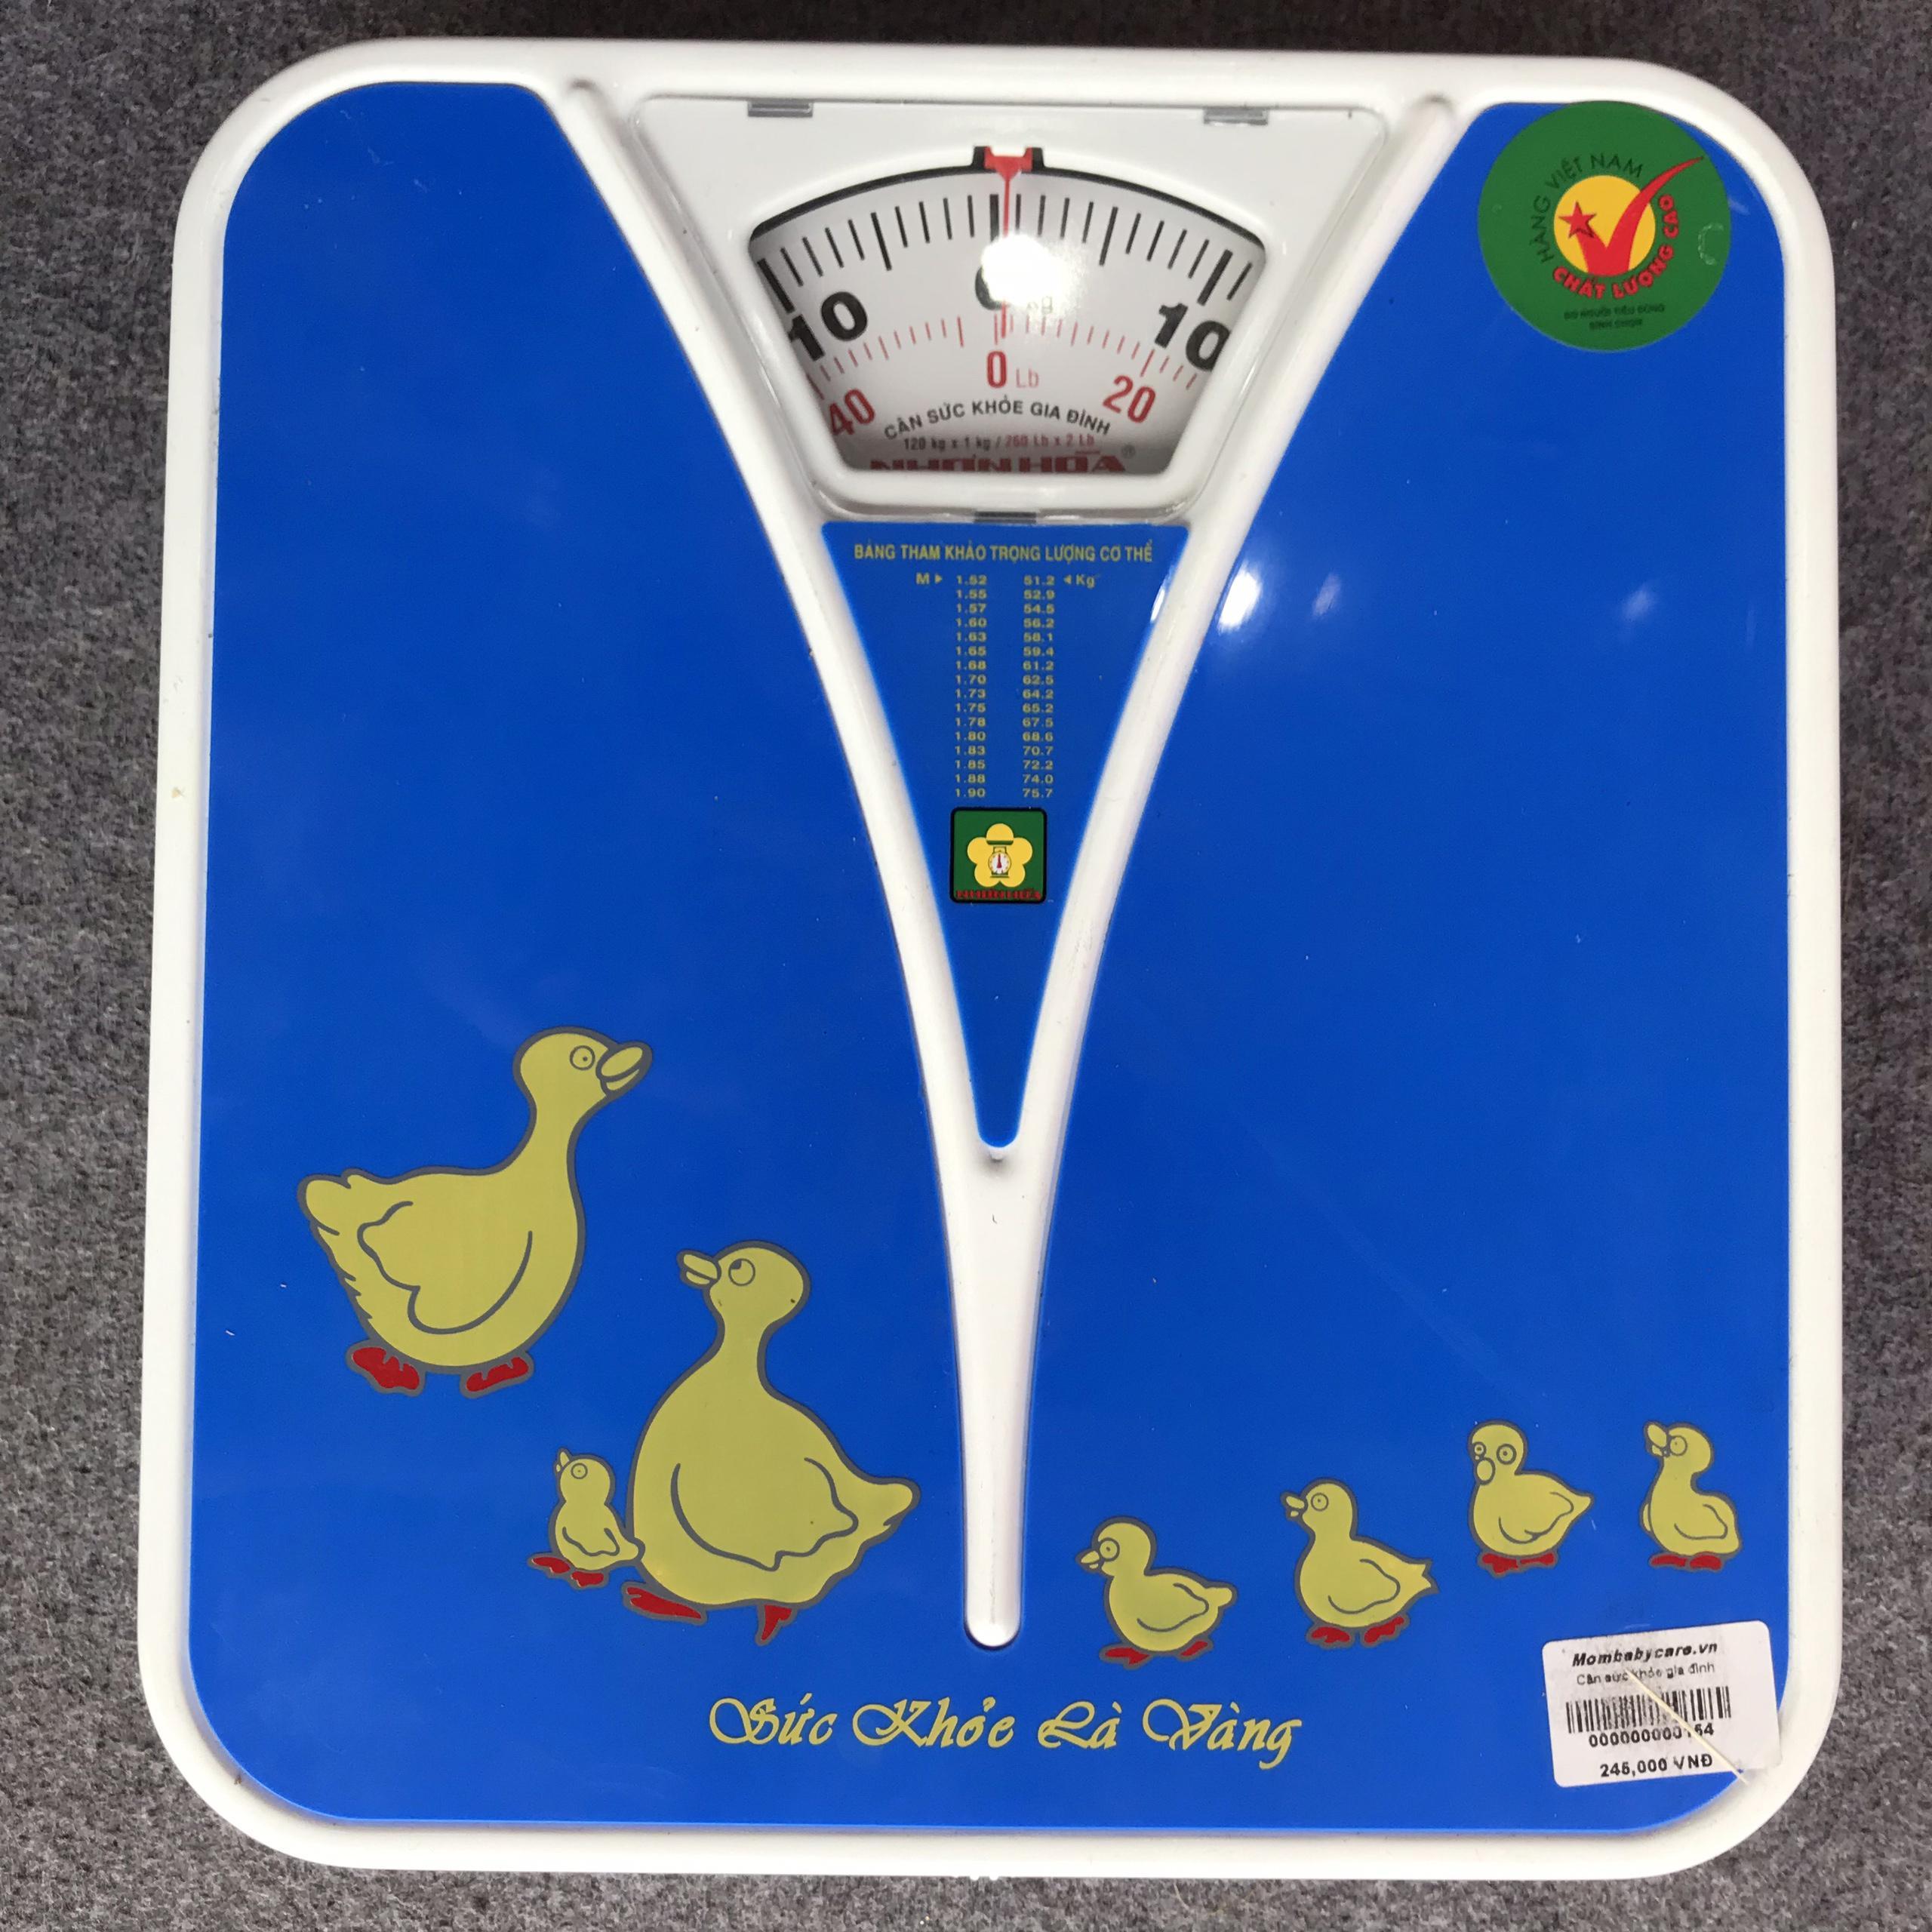 Cân sức khỏe giúp kiểm soát cân nặng cho cả gia đình nhập khẩu